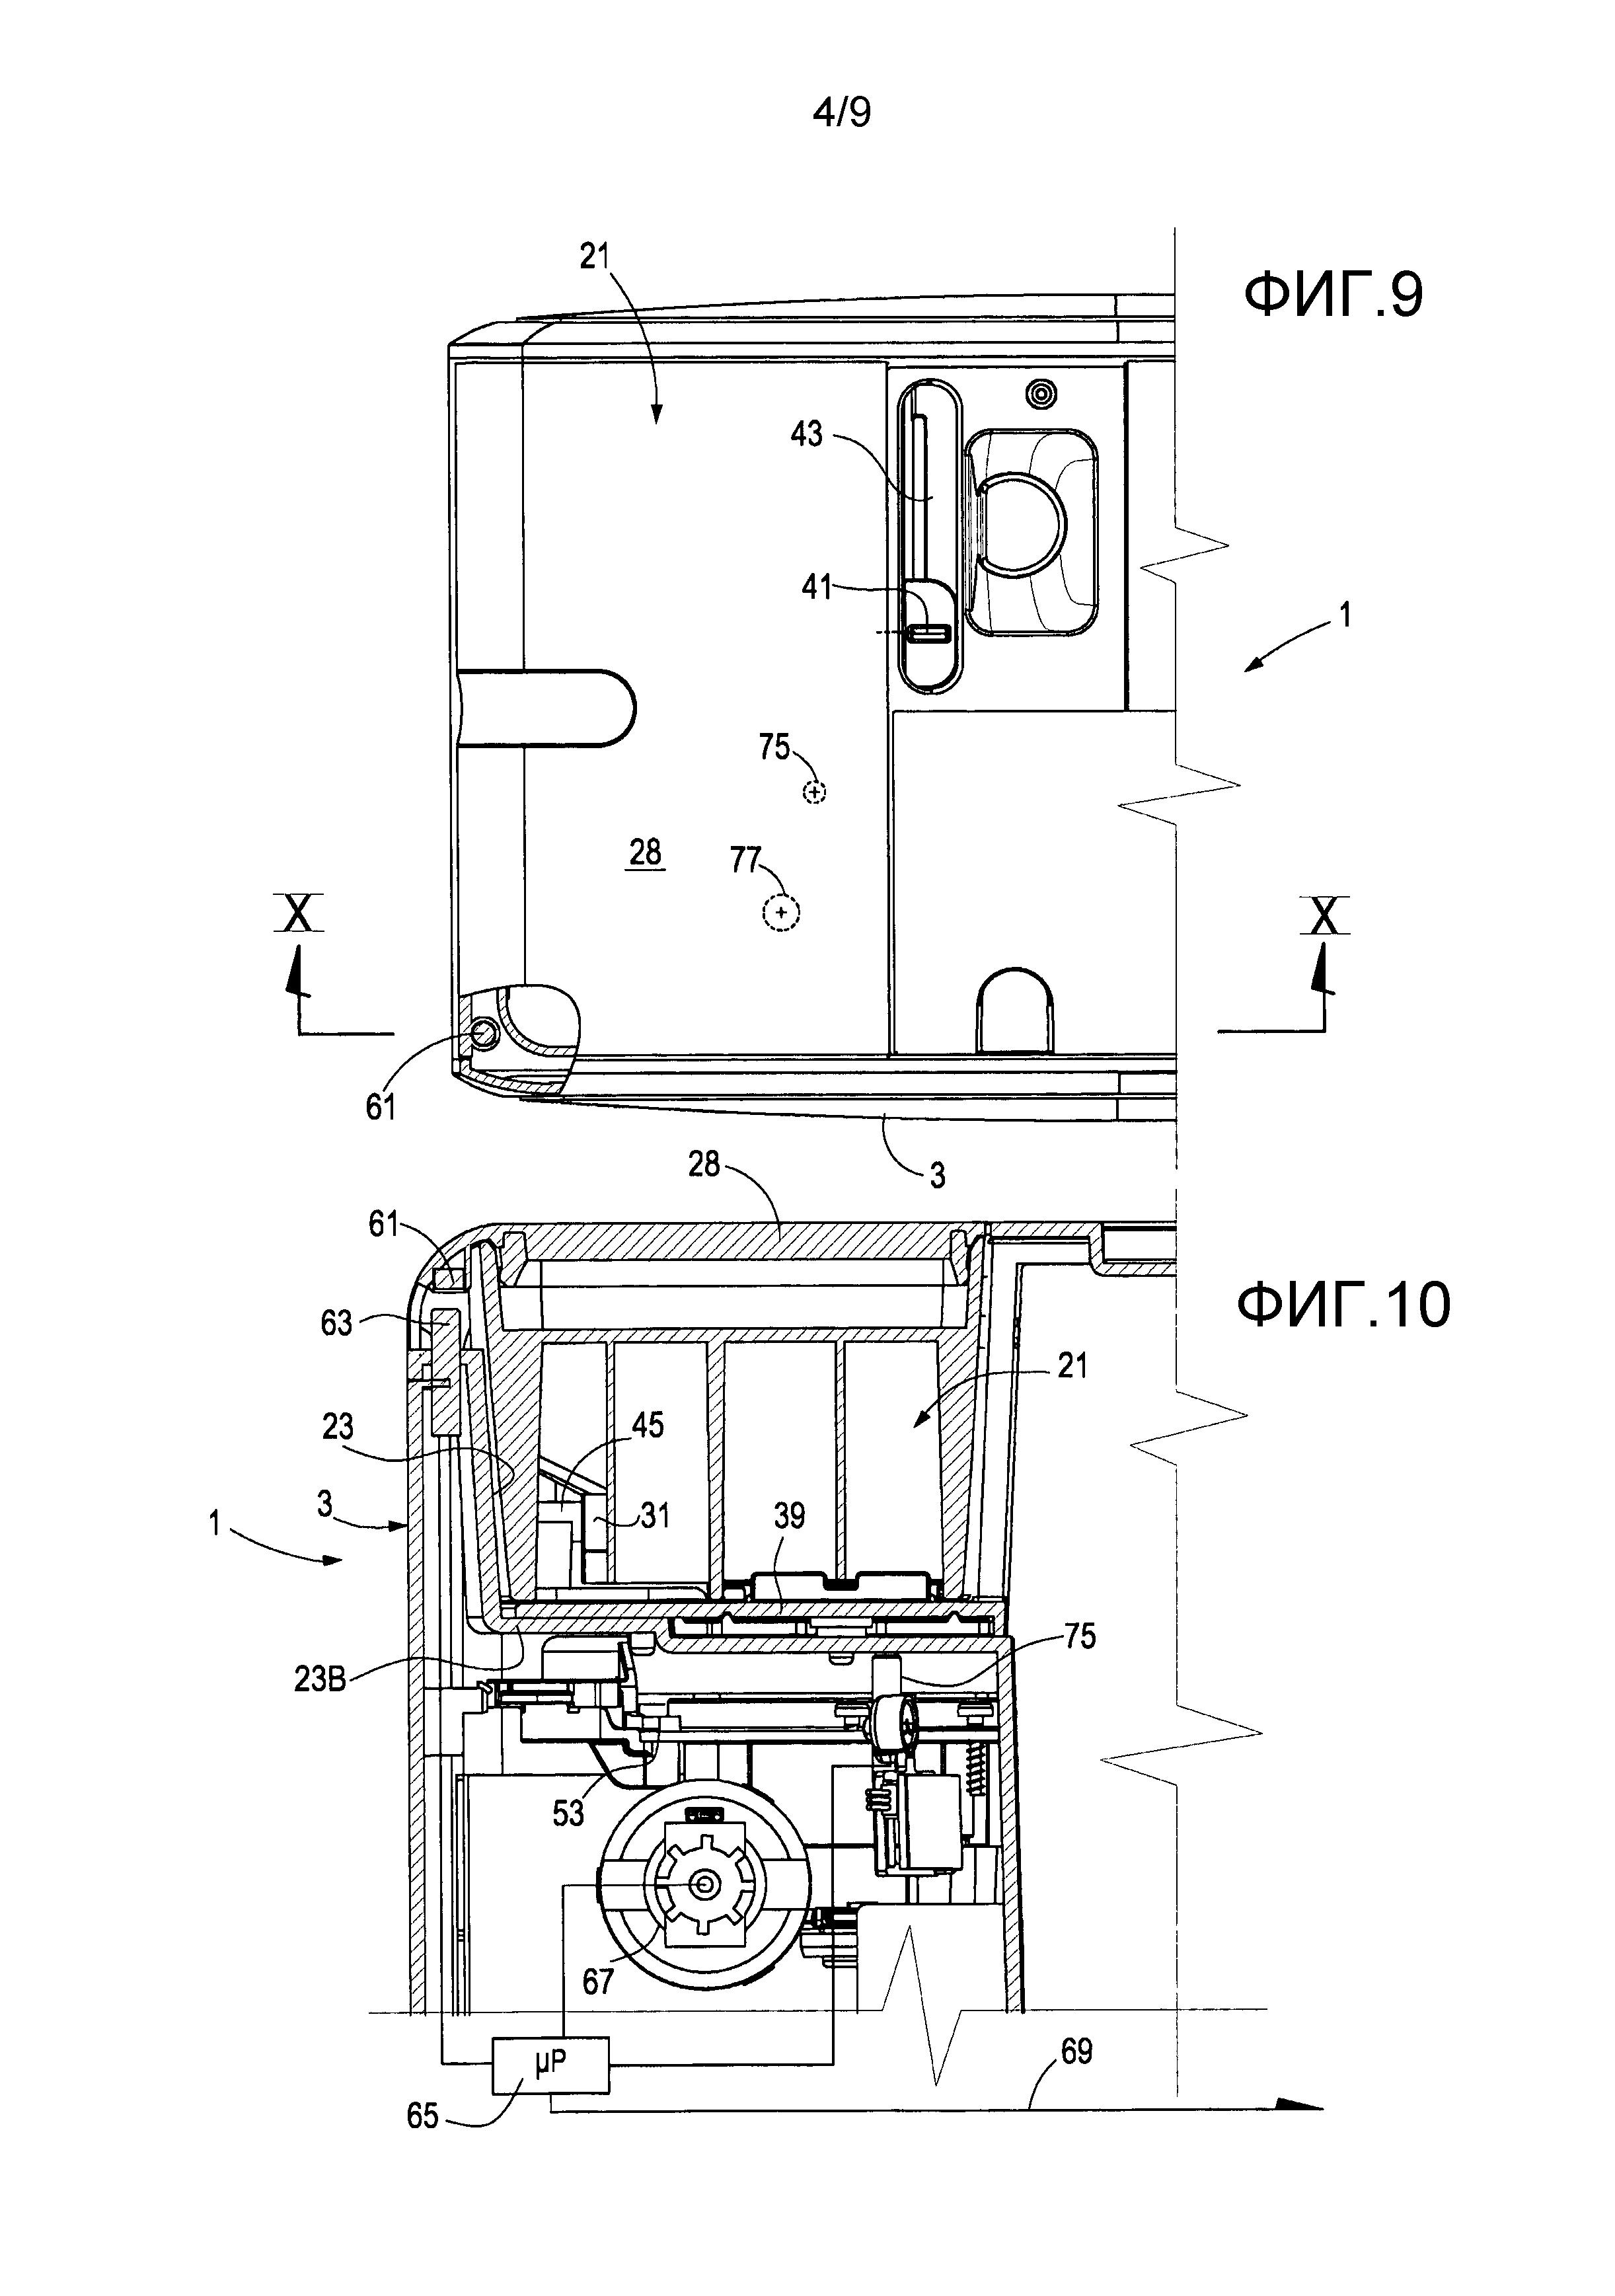 Машина для приготовления напитков, содержащая съемный контейнер для ингредиентов